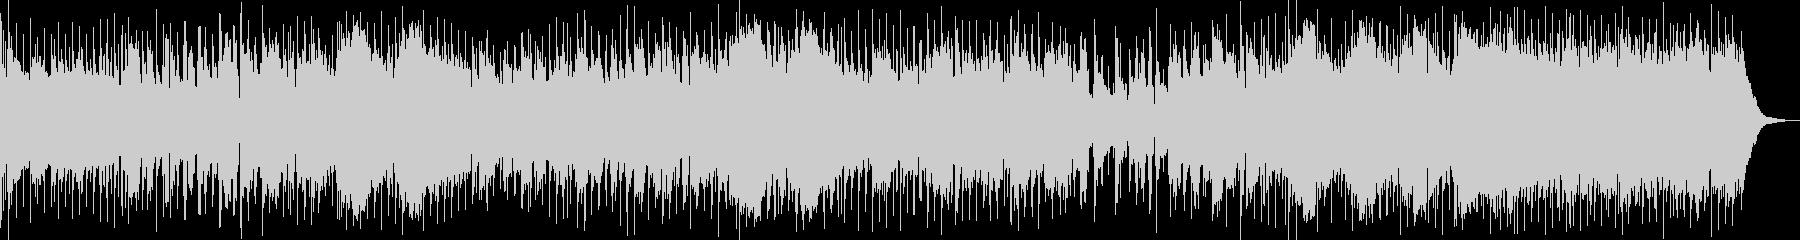 流れるような反射的なポップフォーク...の未再生の波形